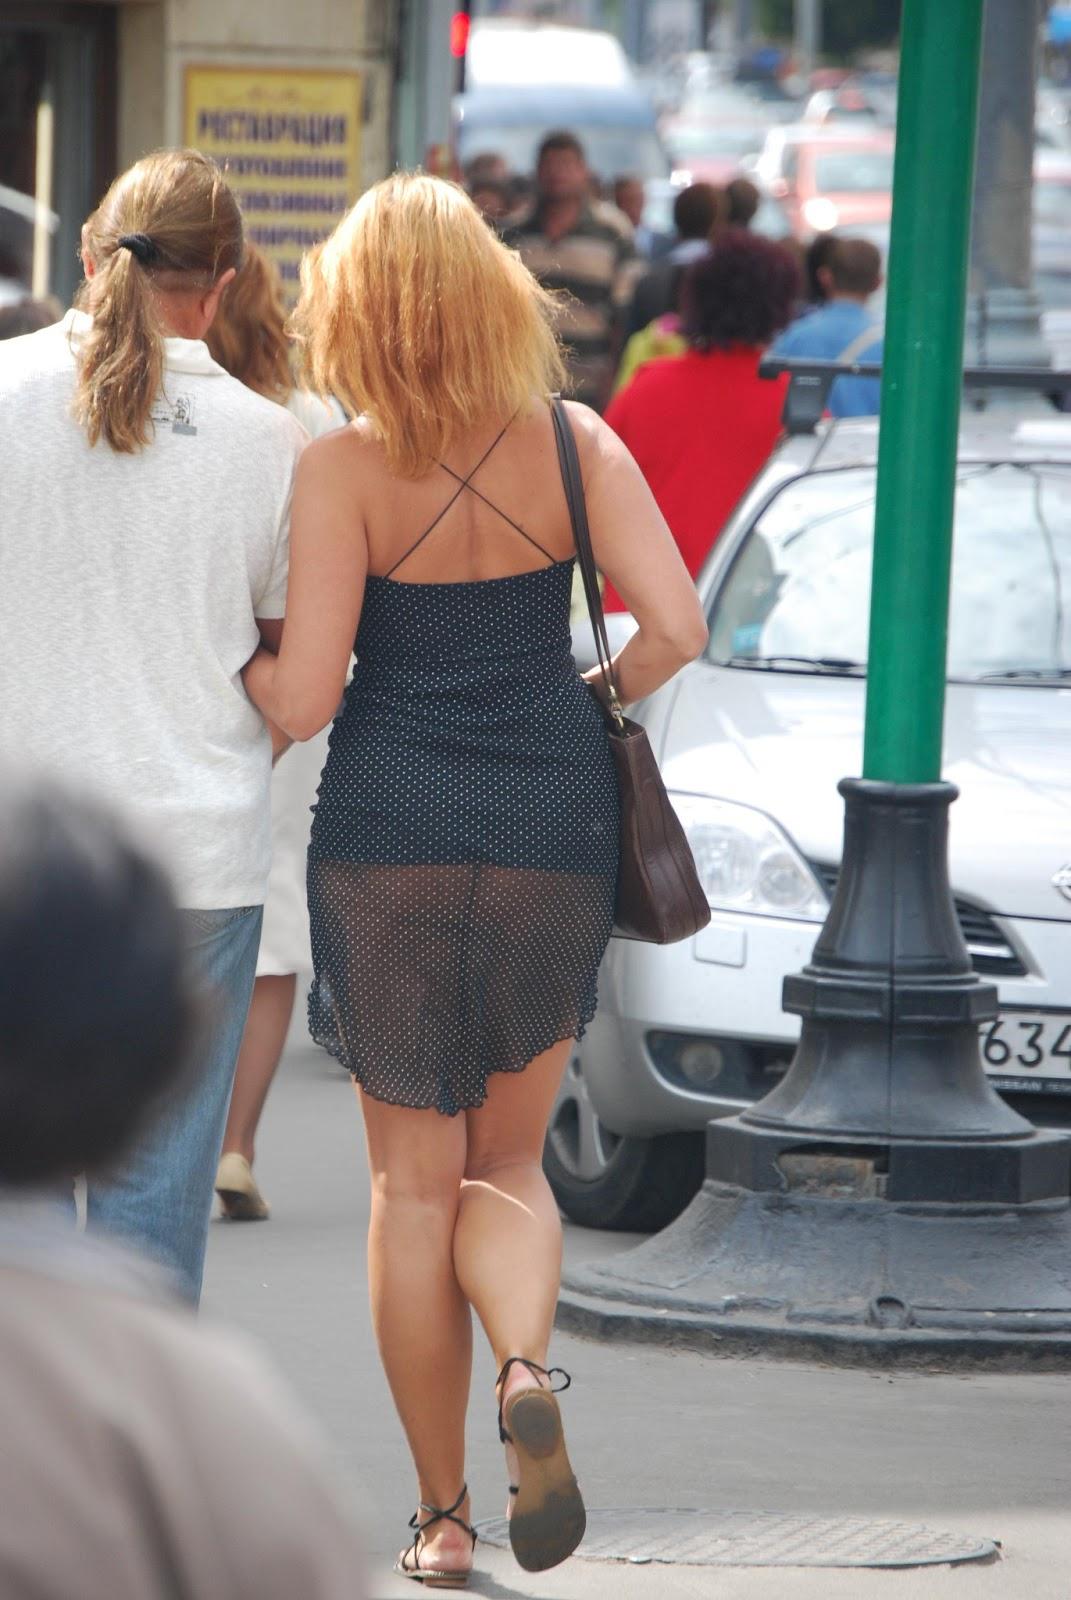 анальным сексом, фото девушек подглядывание в прозрачном платье имеете